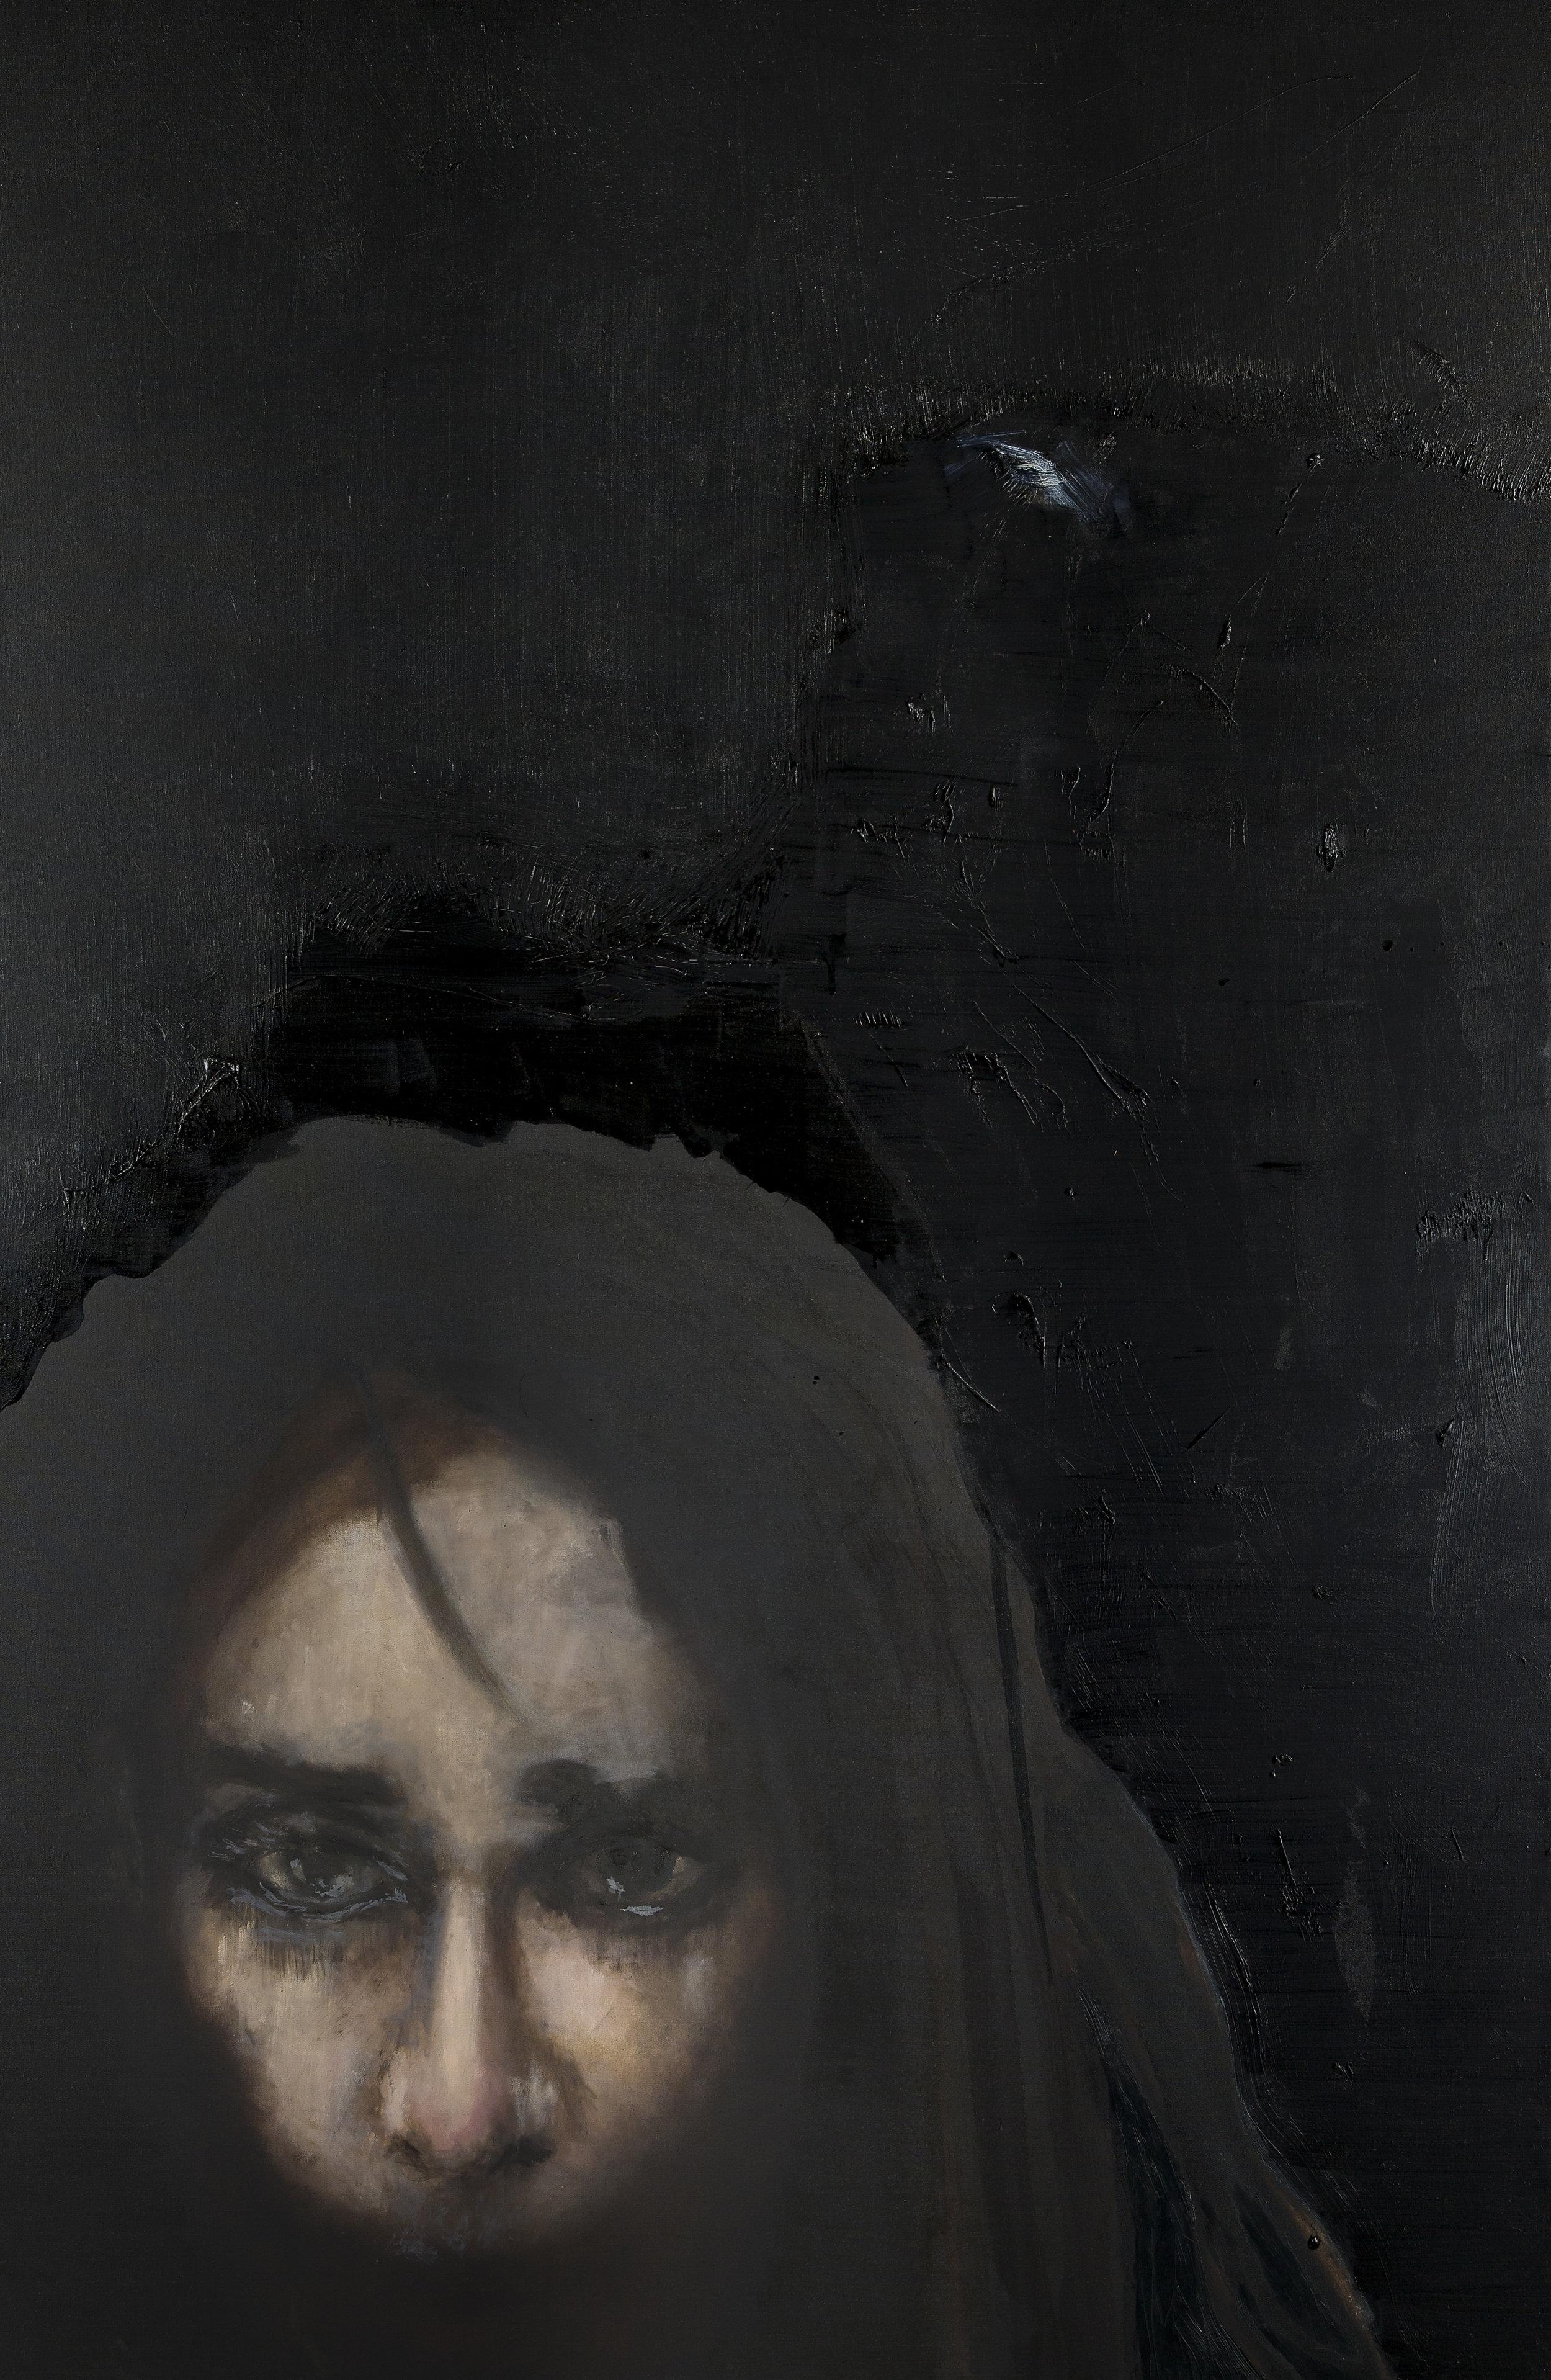 L'une des Sphragitides (nymphe de Cithéron) - 2013230 x 150 cm